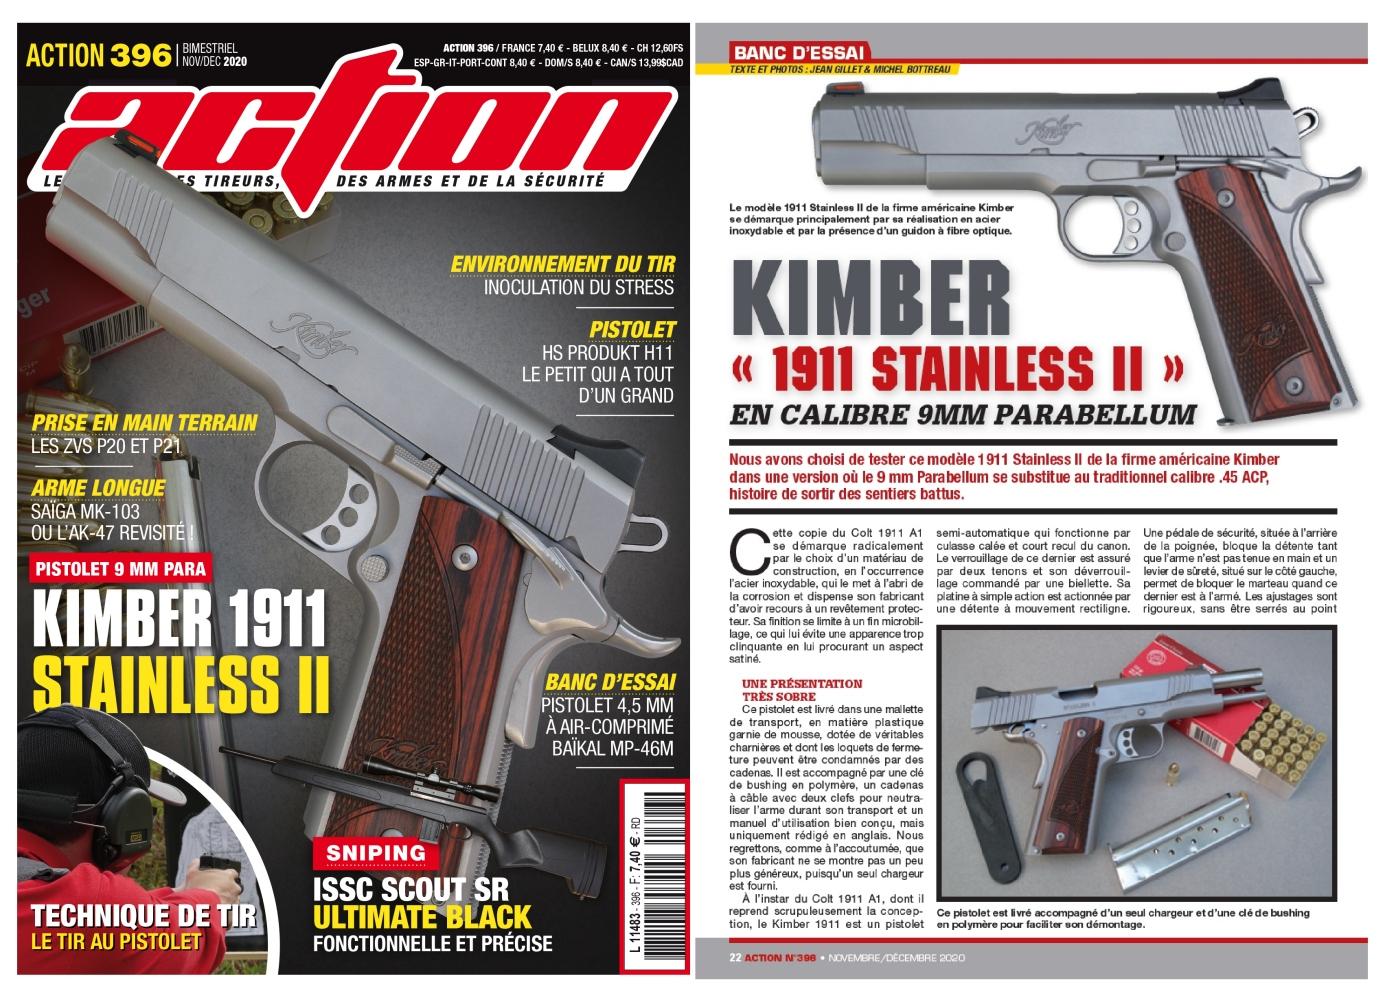 Le banc d'essai du pistolet Kimber Stainless II en calibre 9mm Parabellum a été publié sur 6 pages dans le magazine Action n°396 (novembre/décembre 2020).